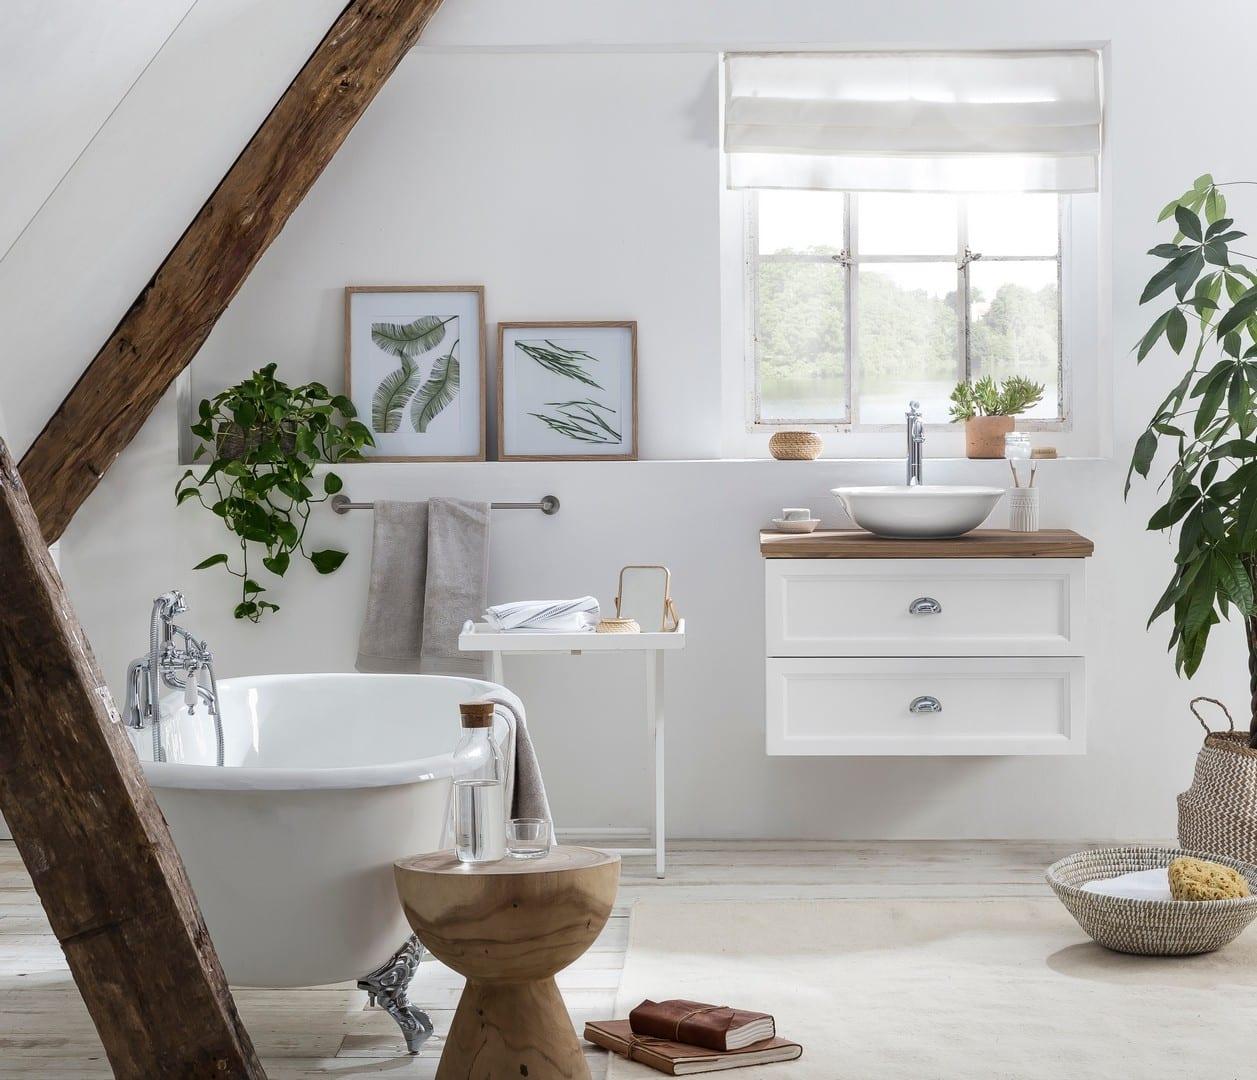 landelijke badkamer met eiken wastafelblad op het landelijke badmeubel met een vrijstaand bad op pootjes